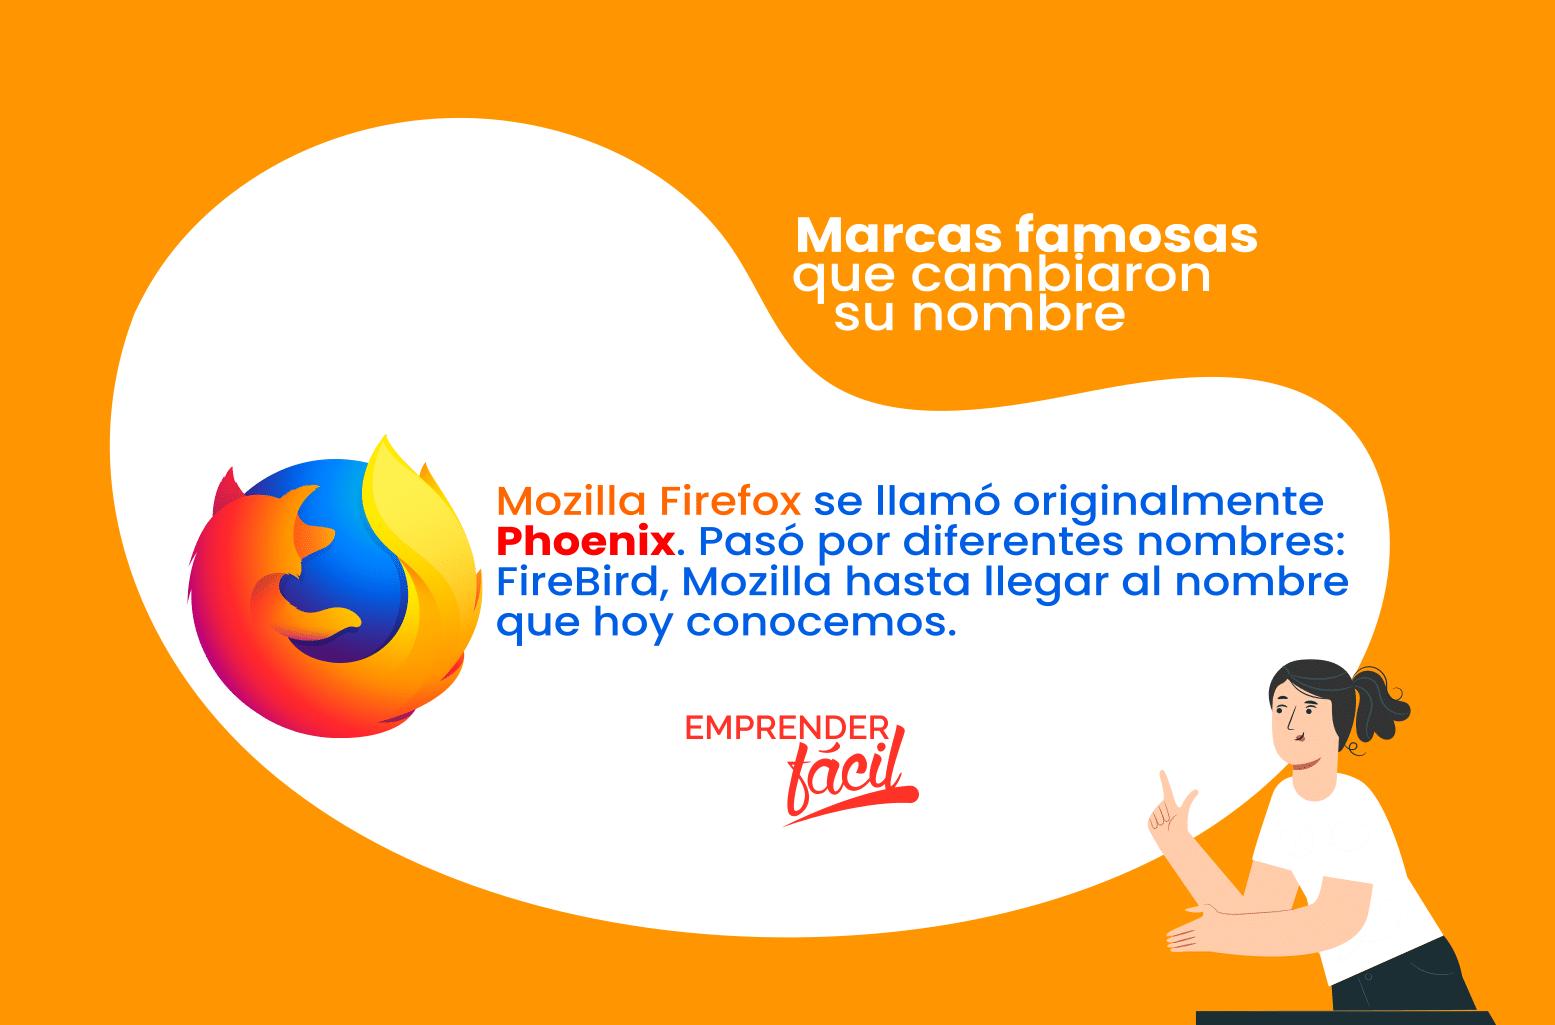 Marcas famosas que cambiaron su nombre caso Firefox